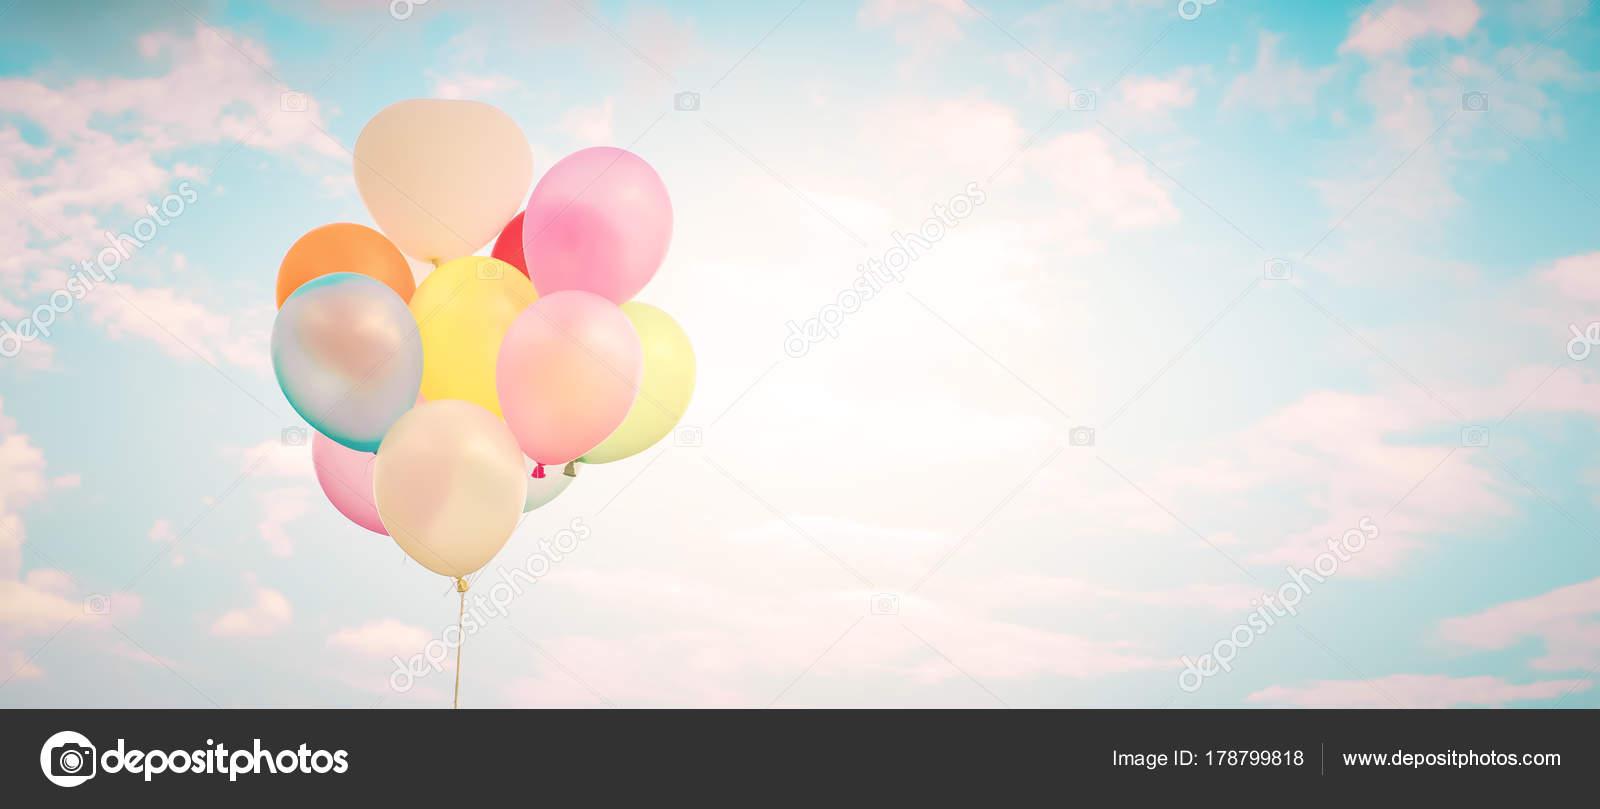 Vintage Mehrfarbigen Ballone Mit Mit Einem Retro Instagram